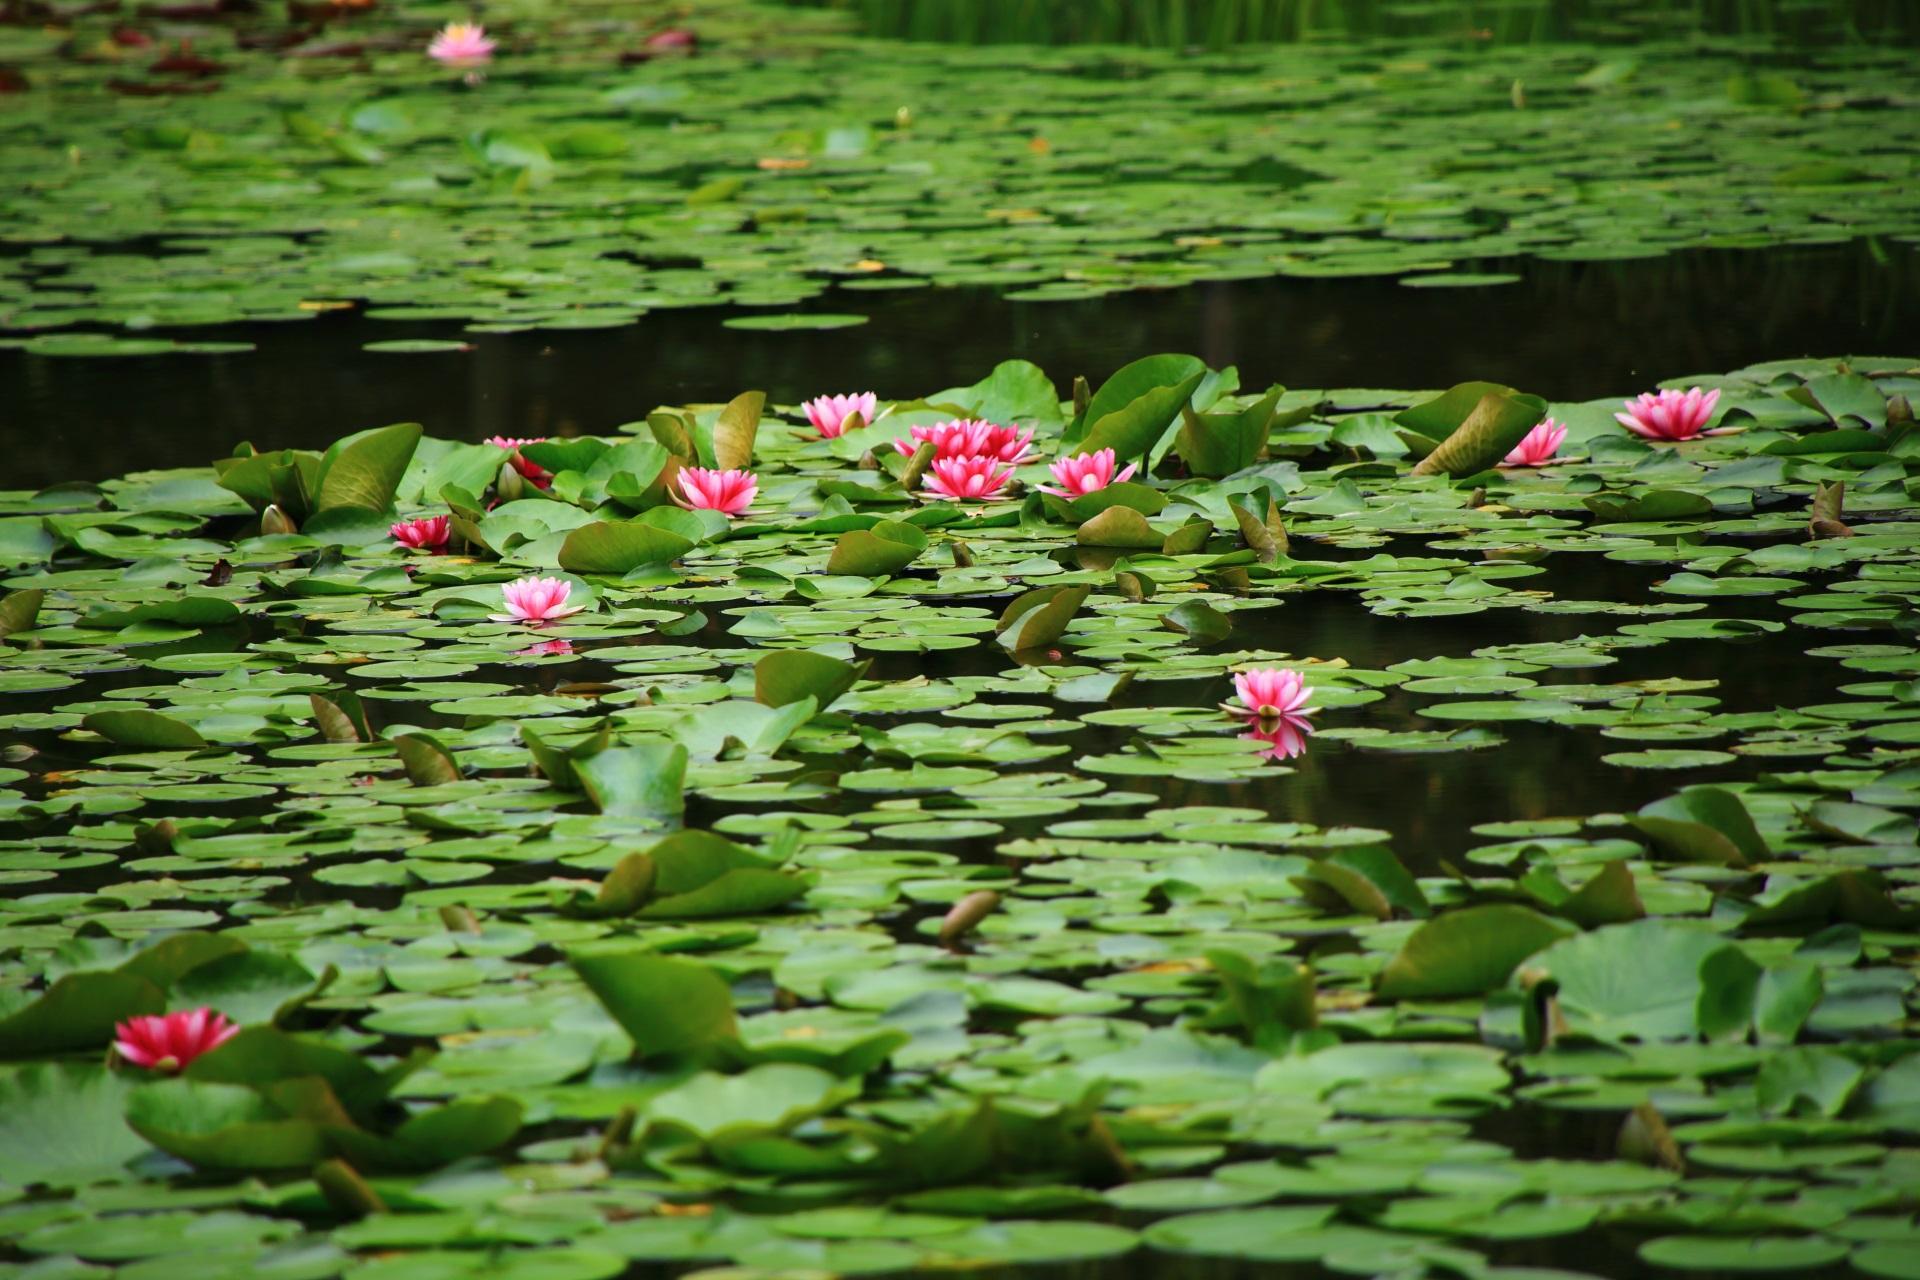 緑と鮮やかなピンクの睡蓮に染まる平安神宮の水面